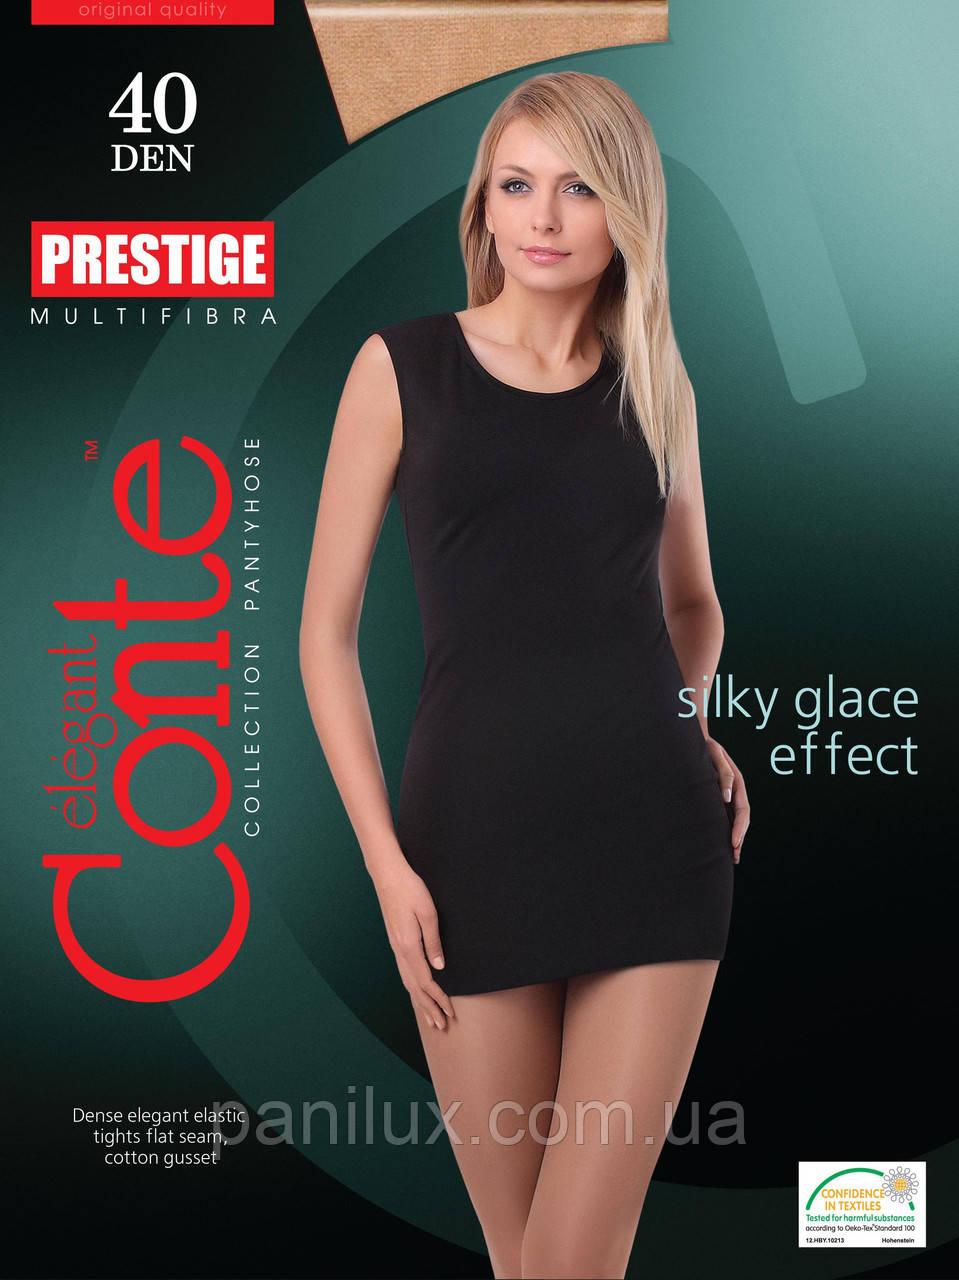 Жіночі колготки Сonte / конте Prestige високого класу з ниткою MULTIFIBRA 40DEN